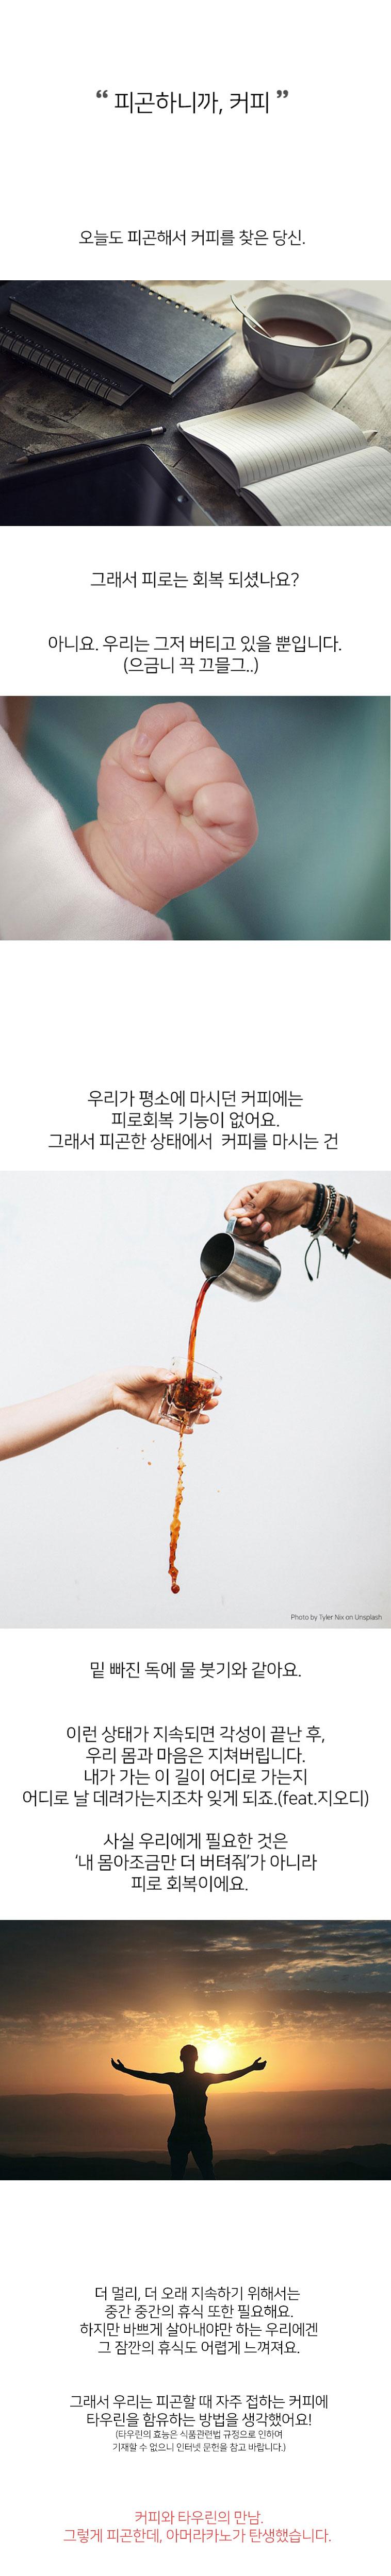 피곤한데 아머라카노 오늘도 피곤한 당신을 위한 타우린 커피 - 위드고, 10,000원, 커피, 분말커피